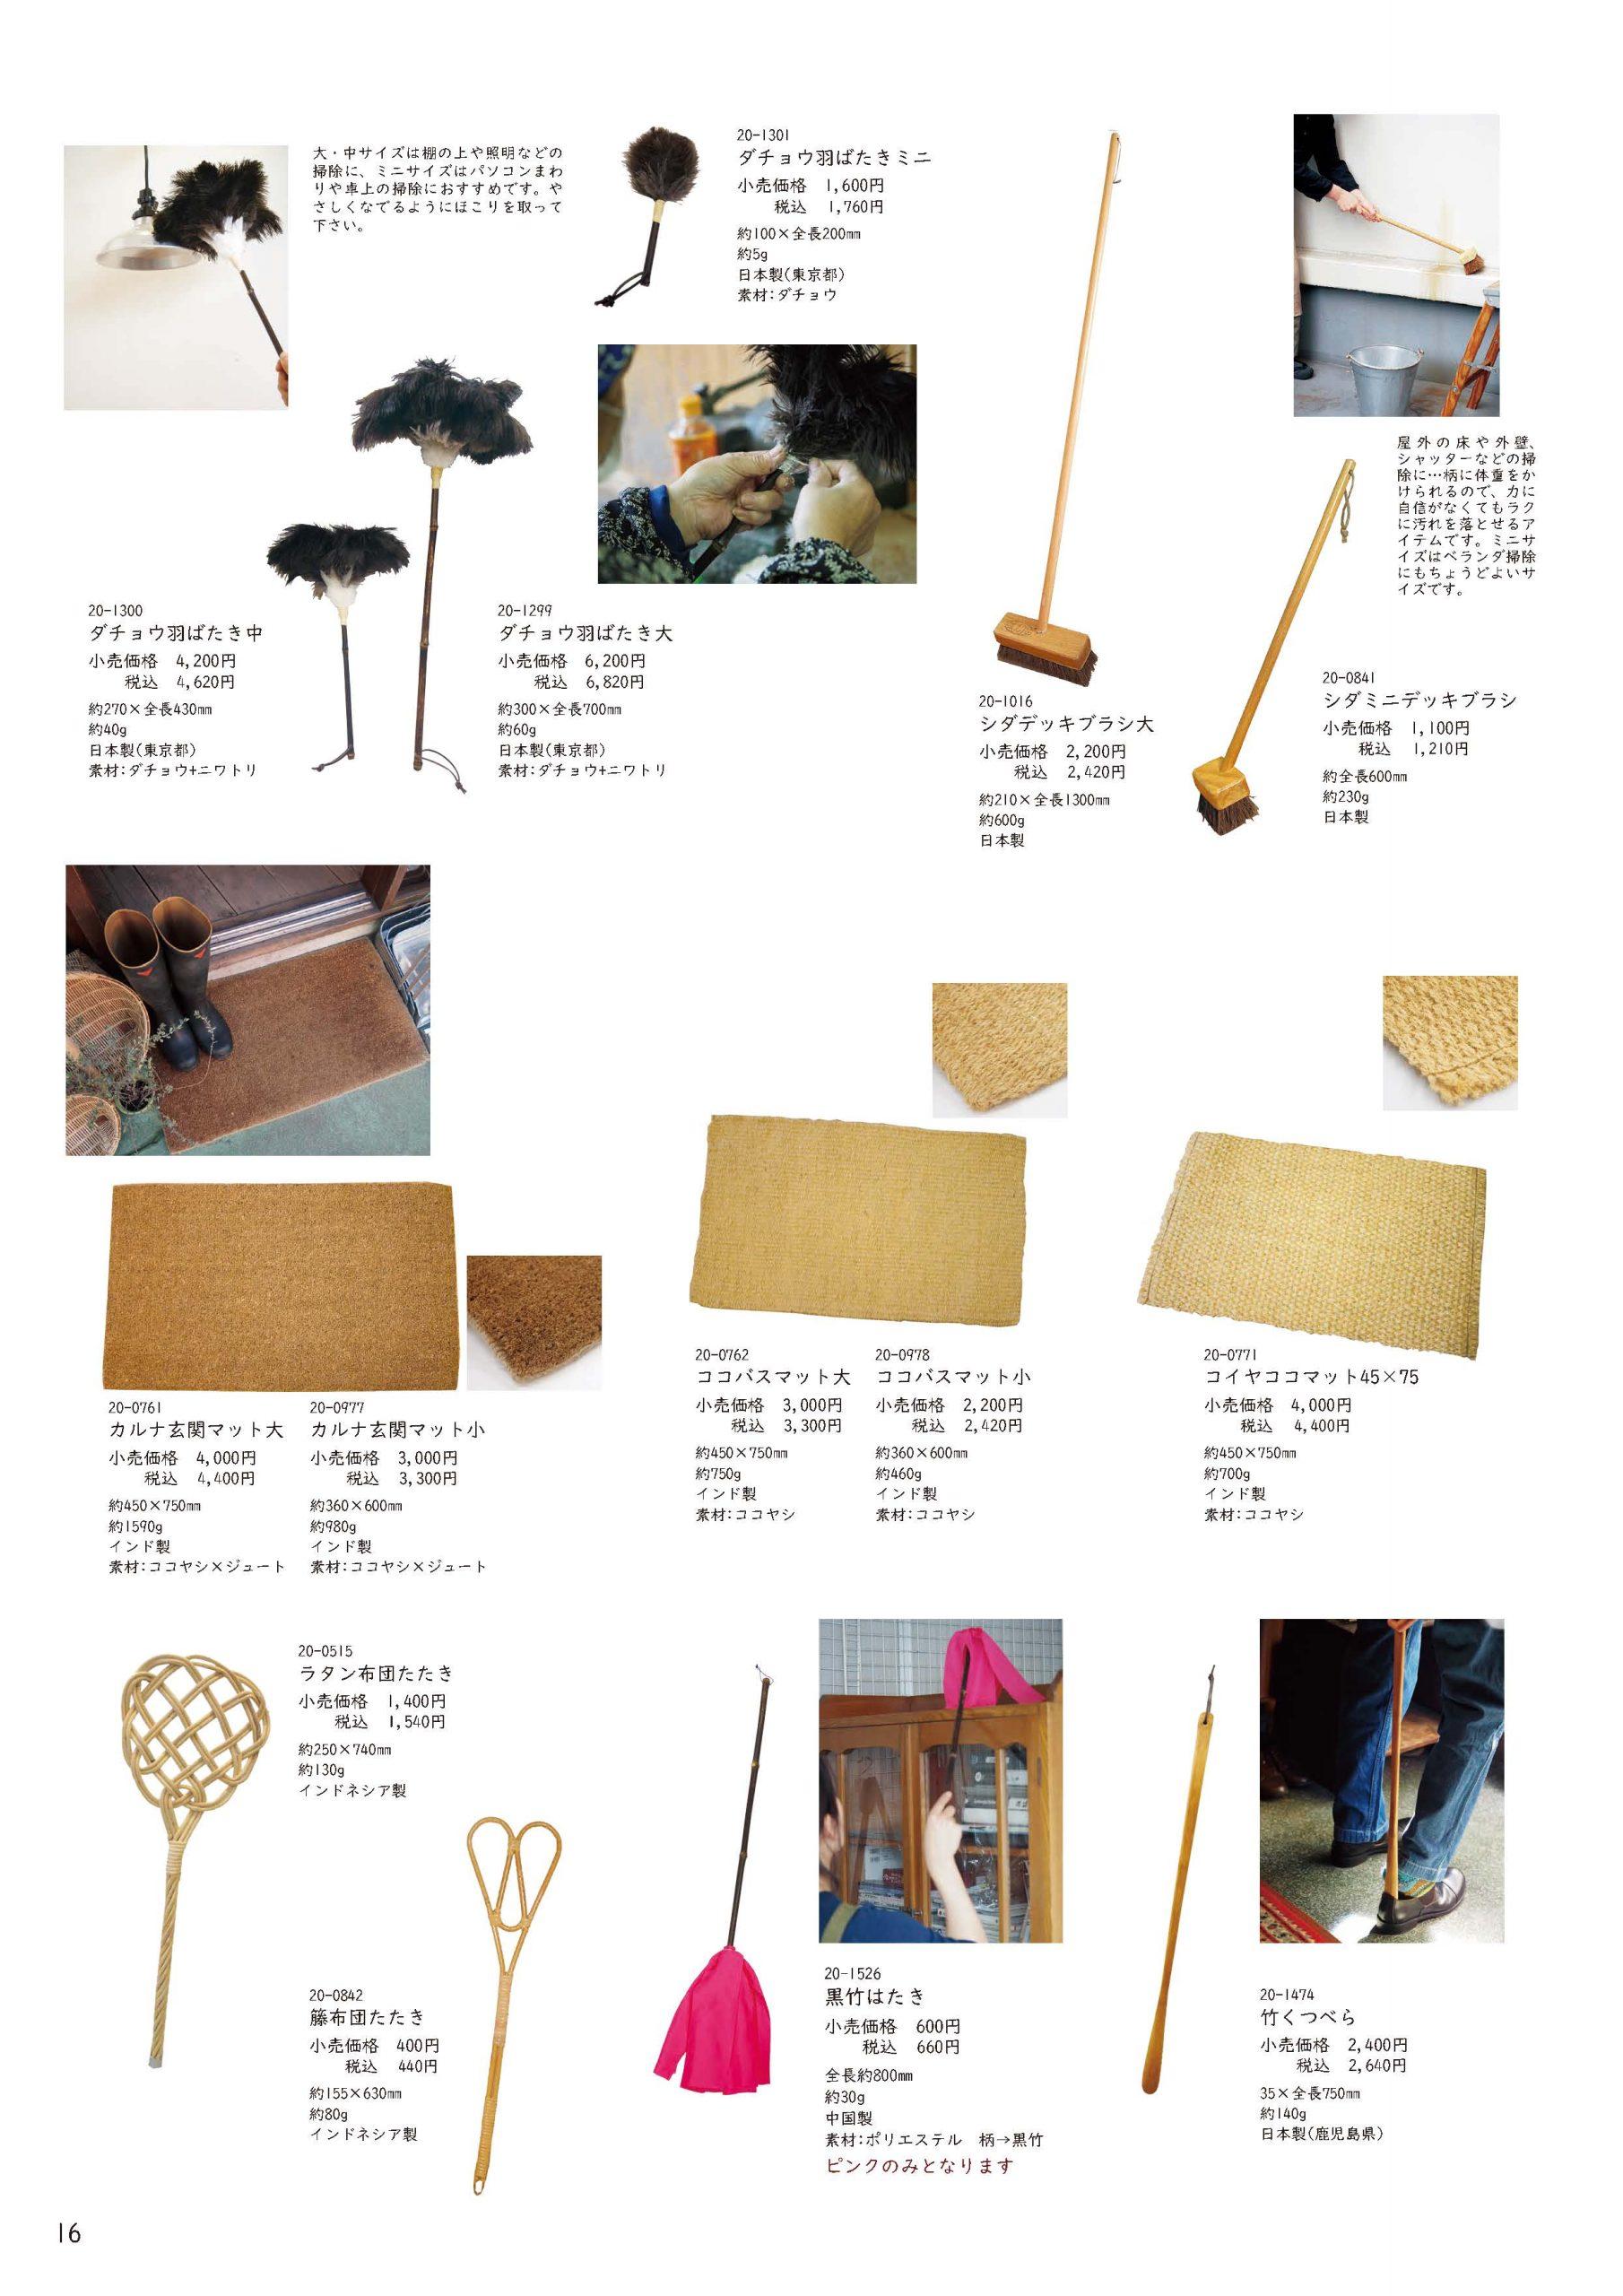 掃除道具・ガーデニング③-布団たたき・はたき-